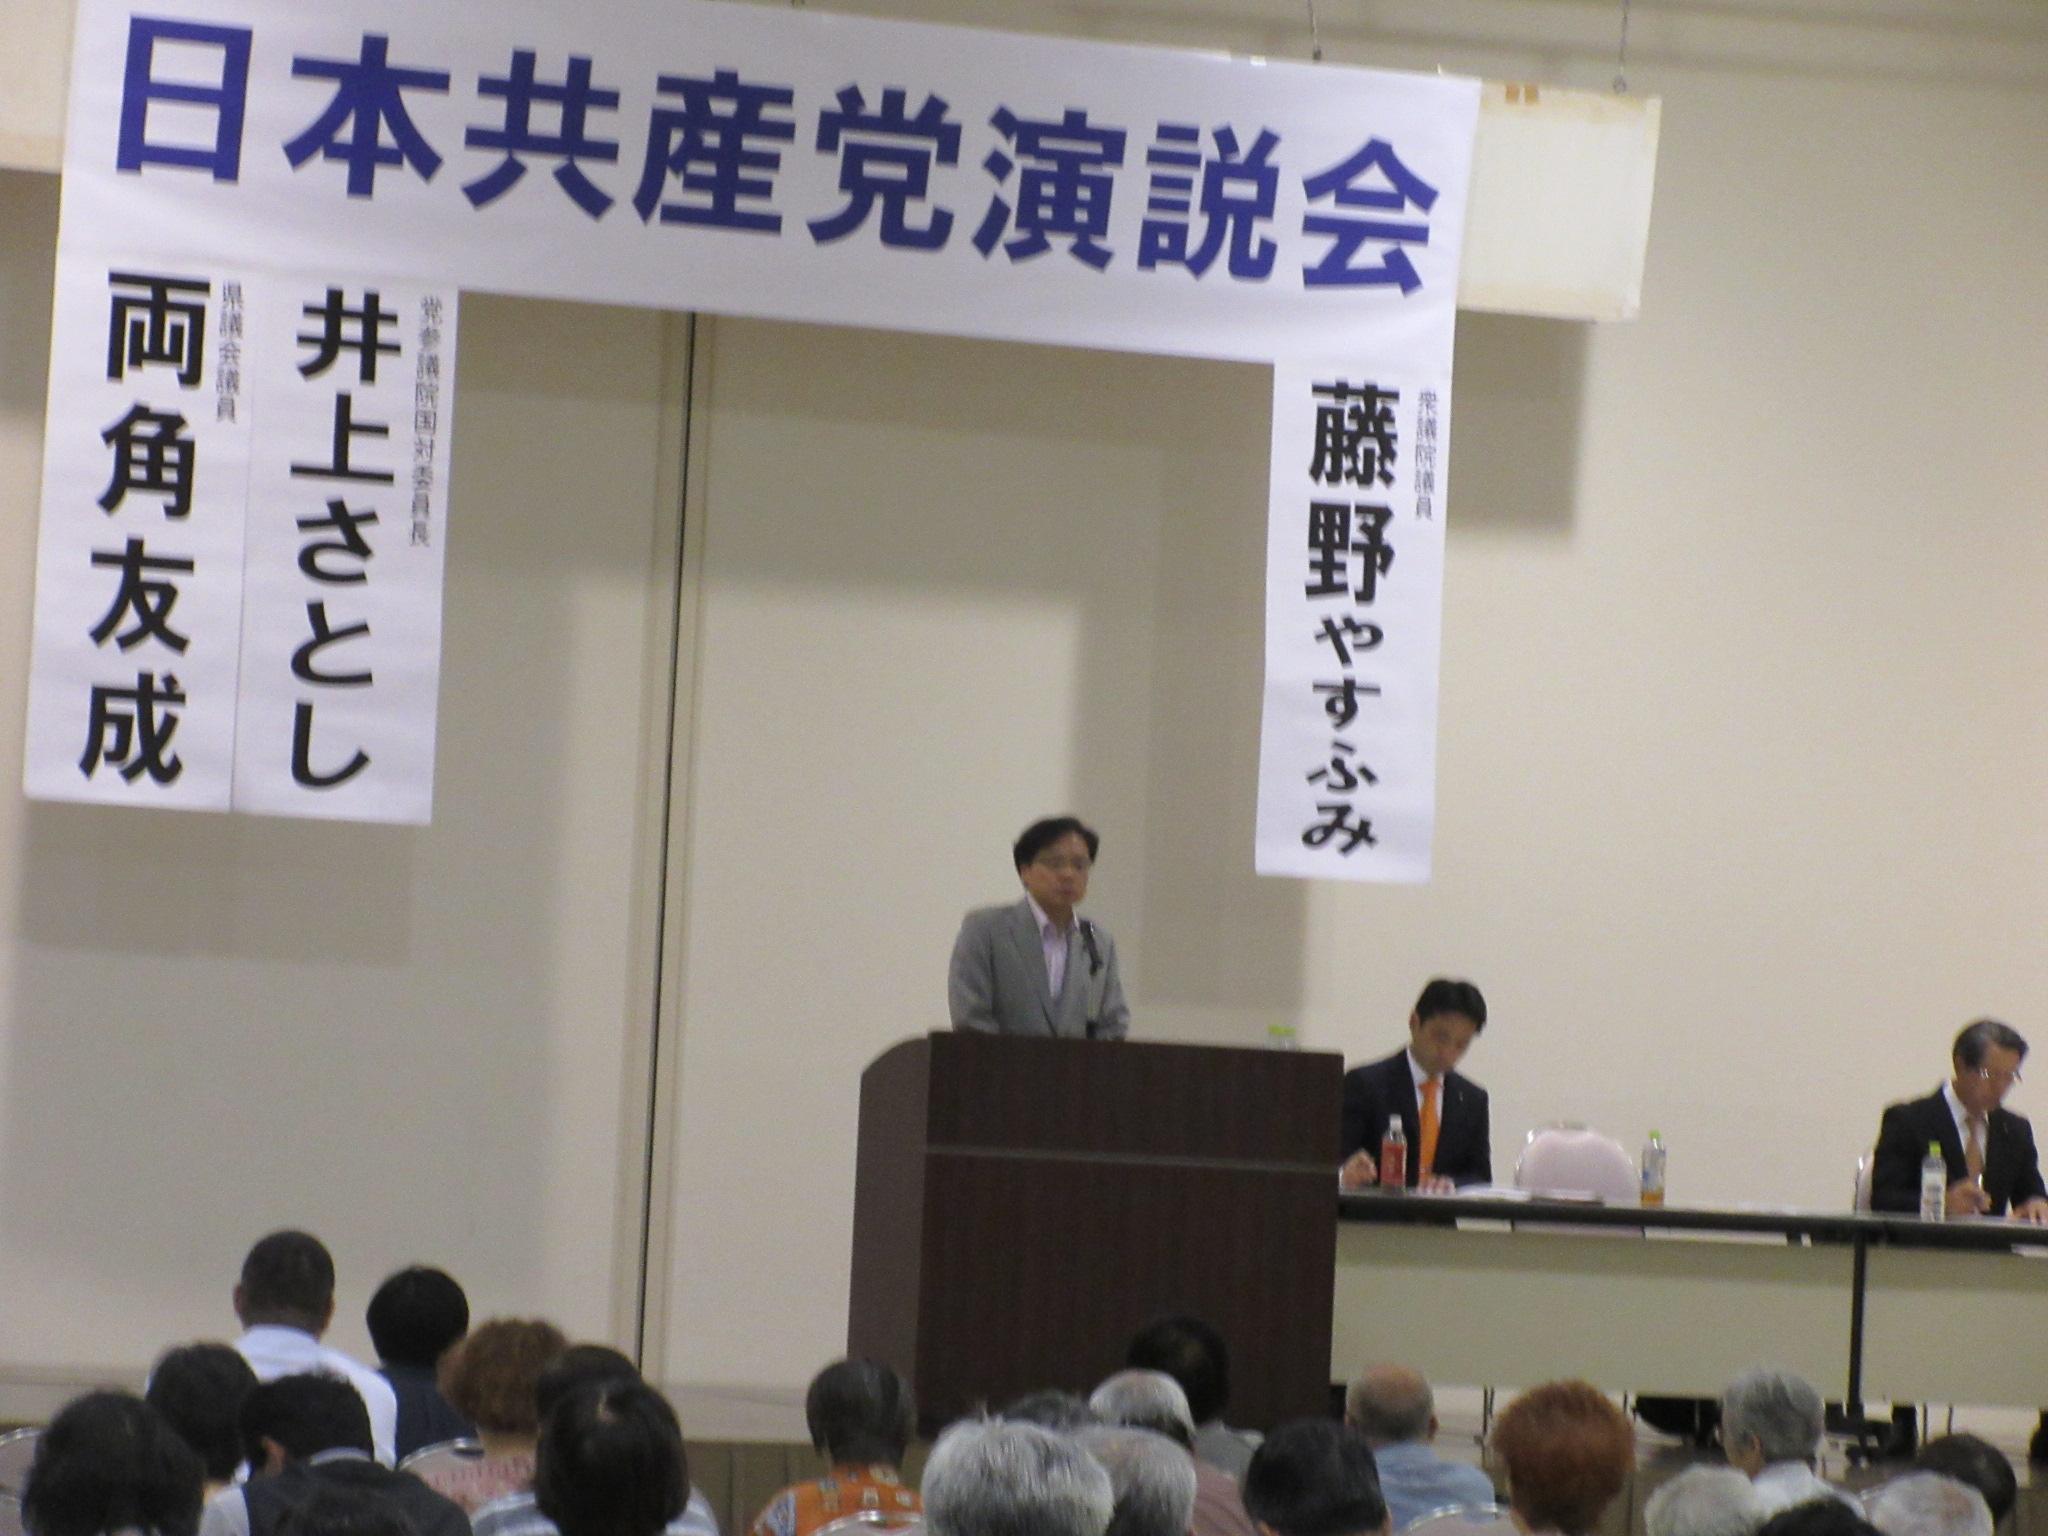 http://www.inoue-satoshi.com/diary/IMG_5167.JPG